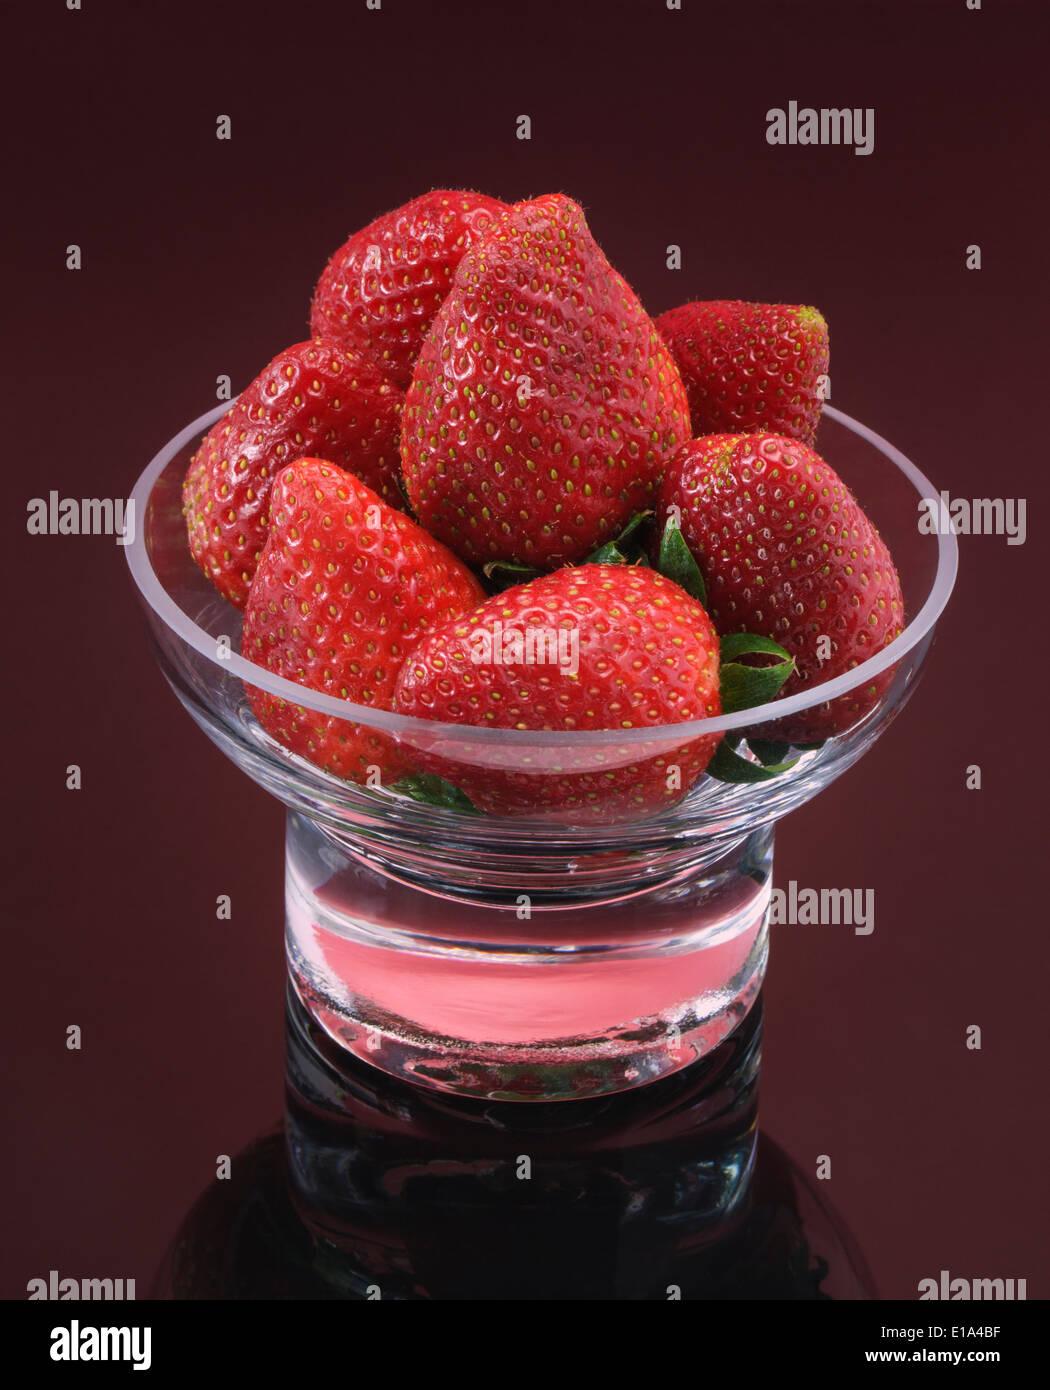 Fresh Strawberries in Glass Dish - Stock Image